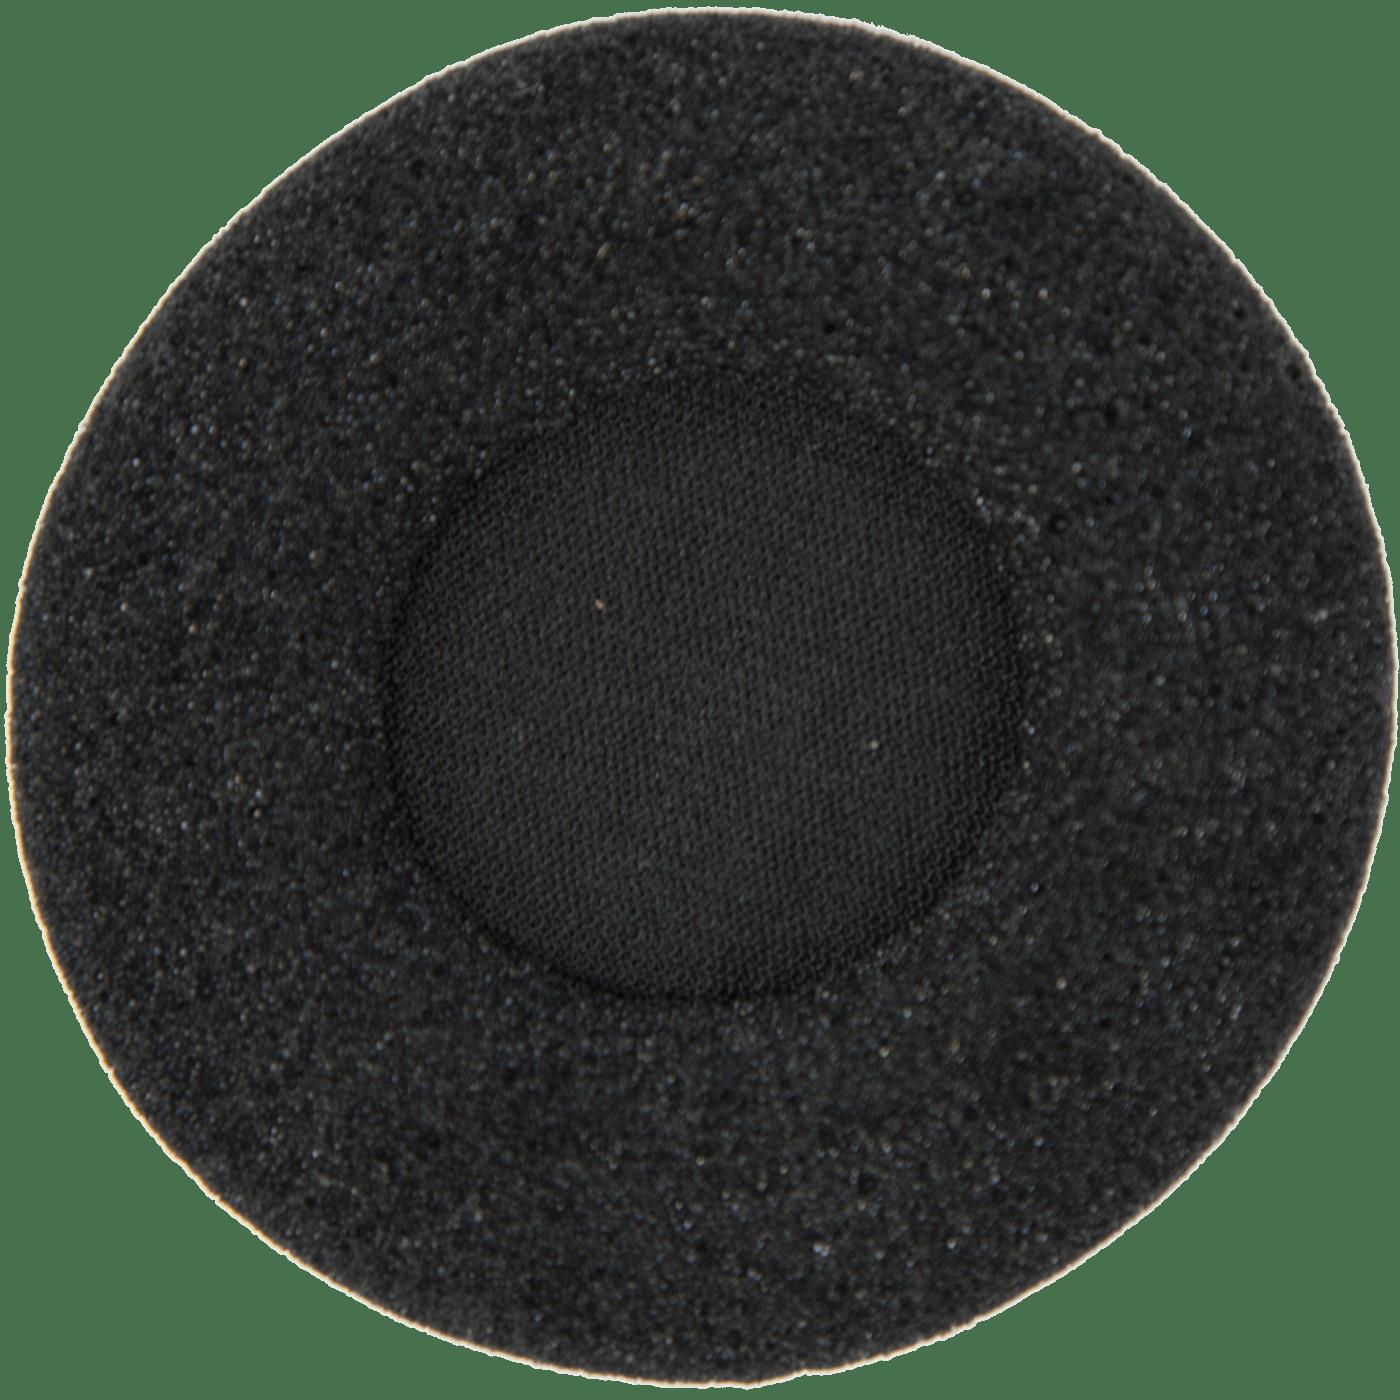 Jabra Biz2300 Foam Ear Cushion